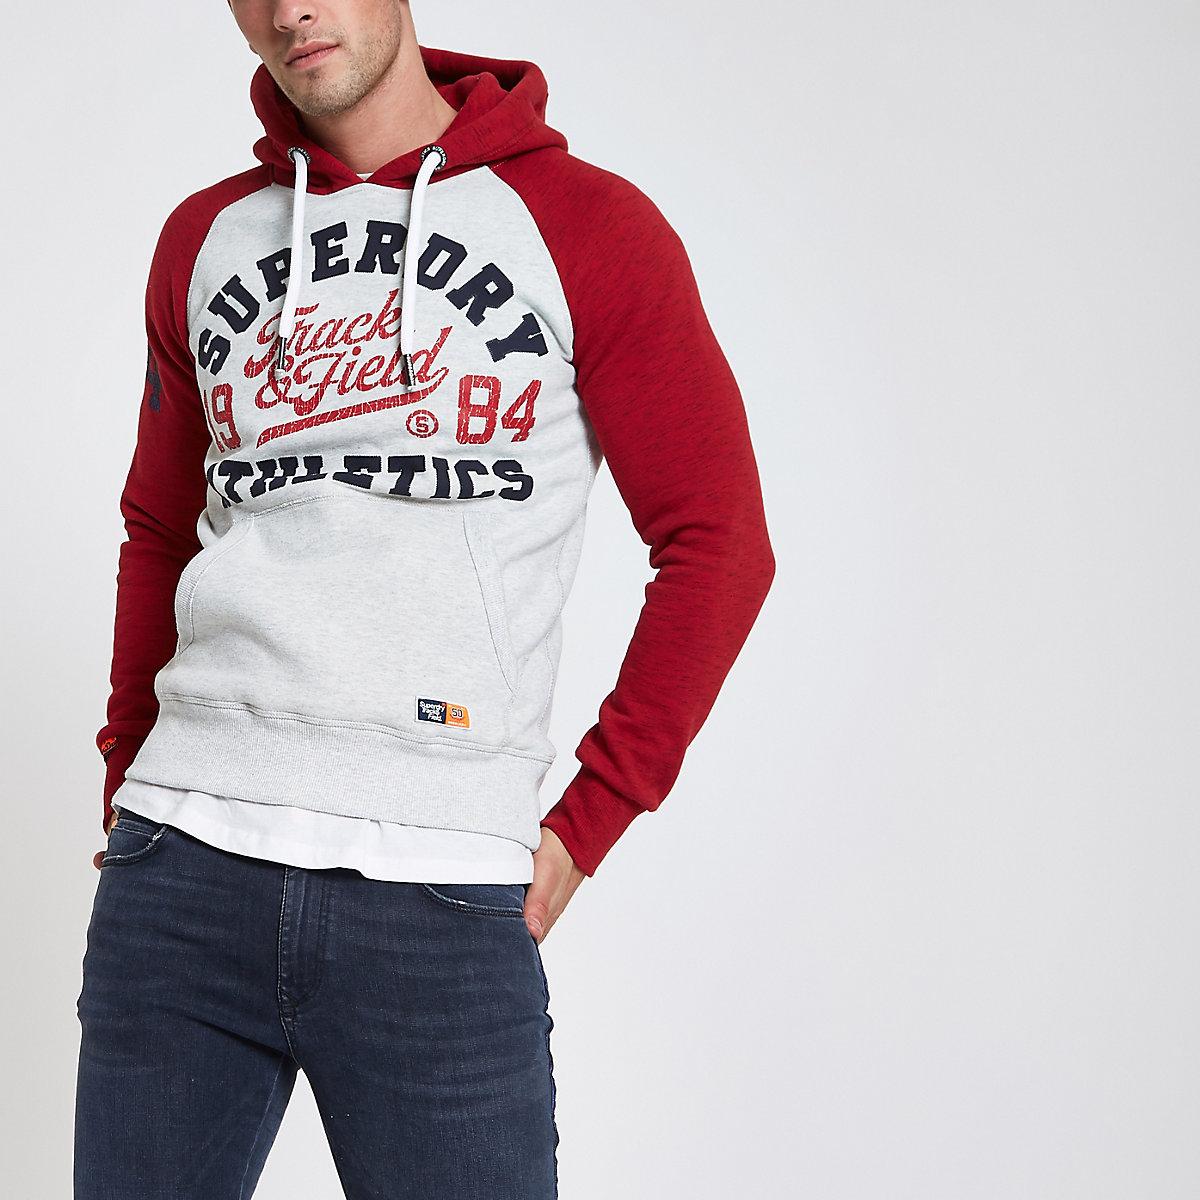 Superdry red raglan vintage logo print hoodie